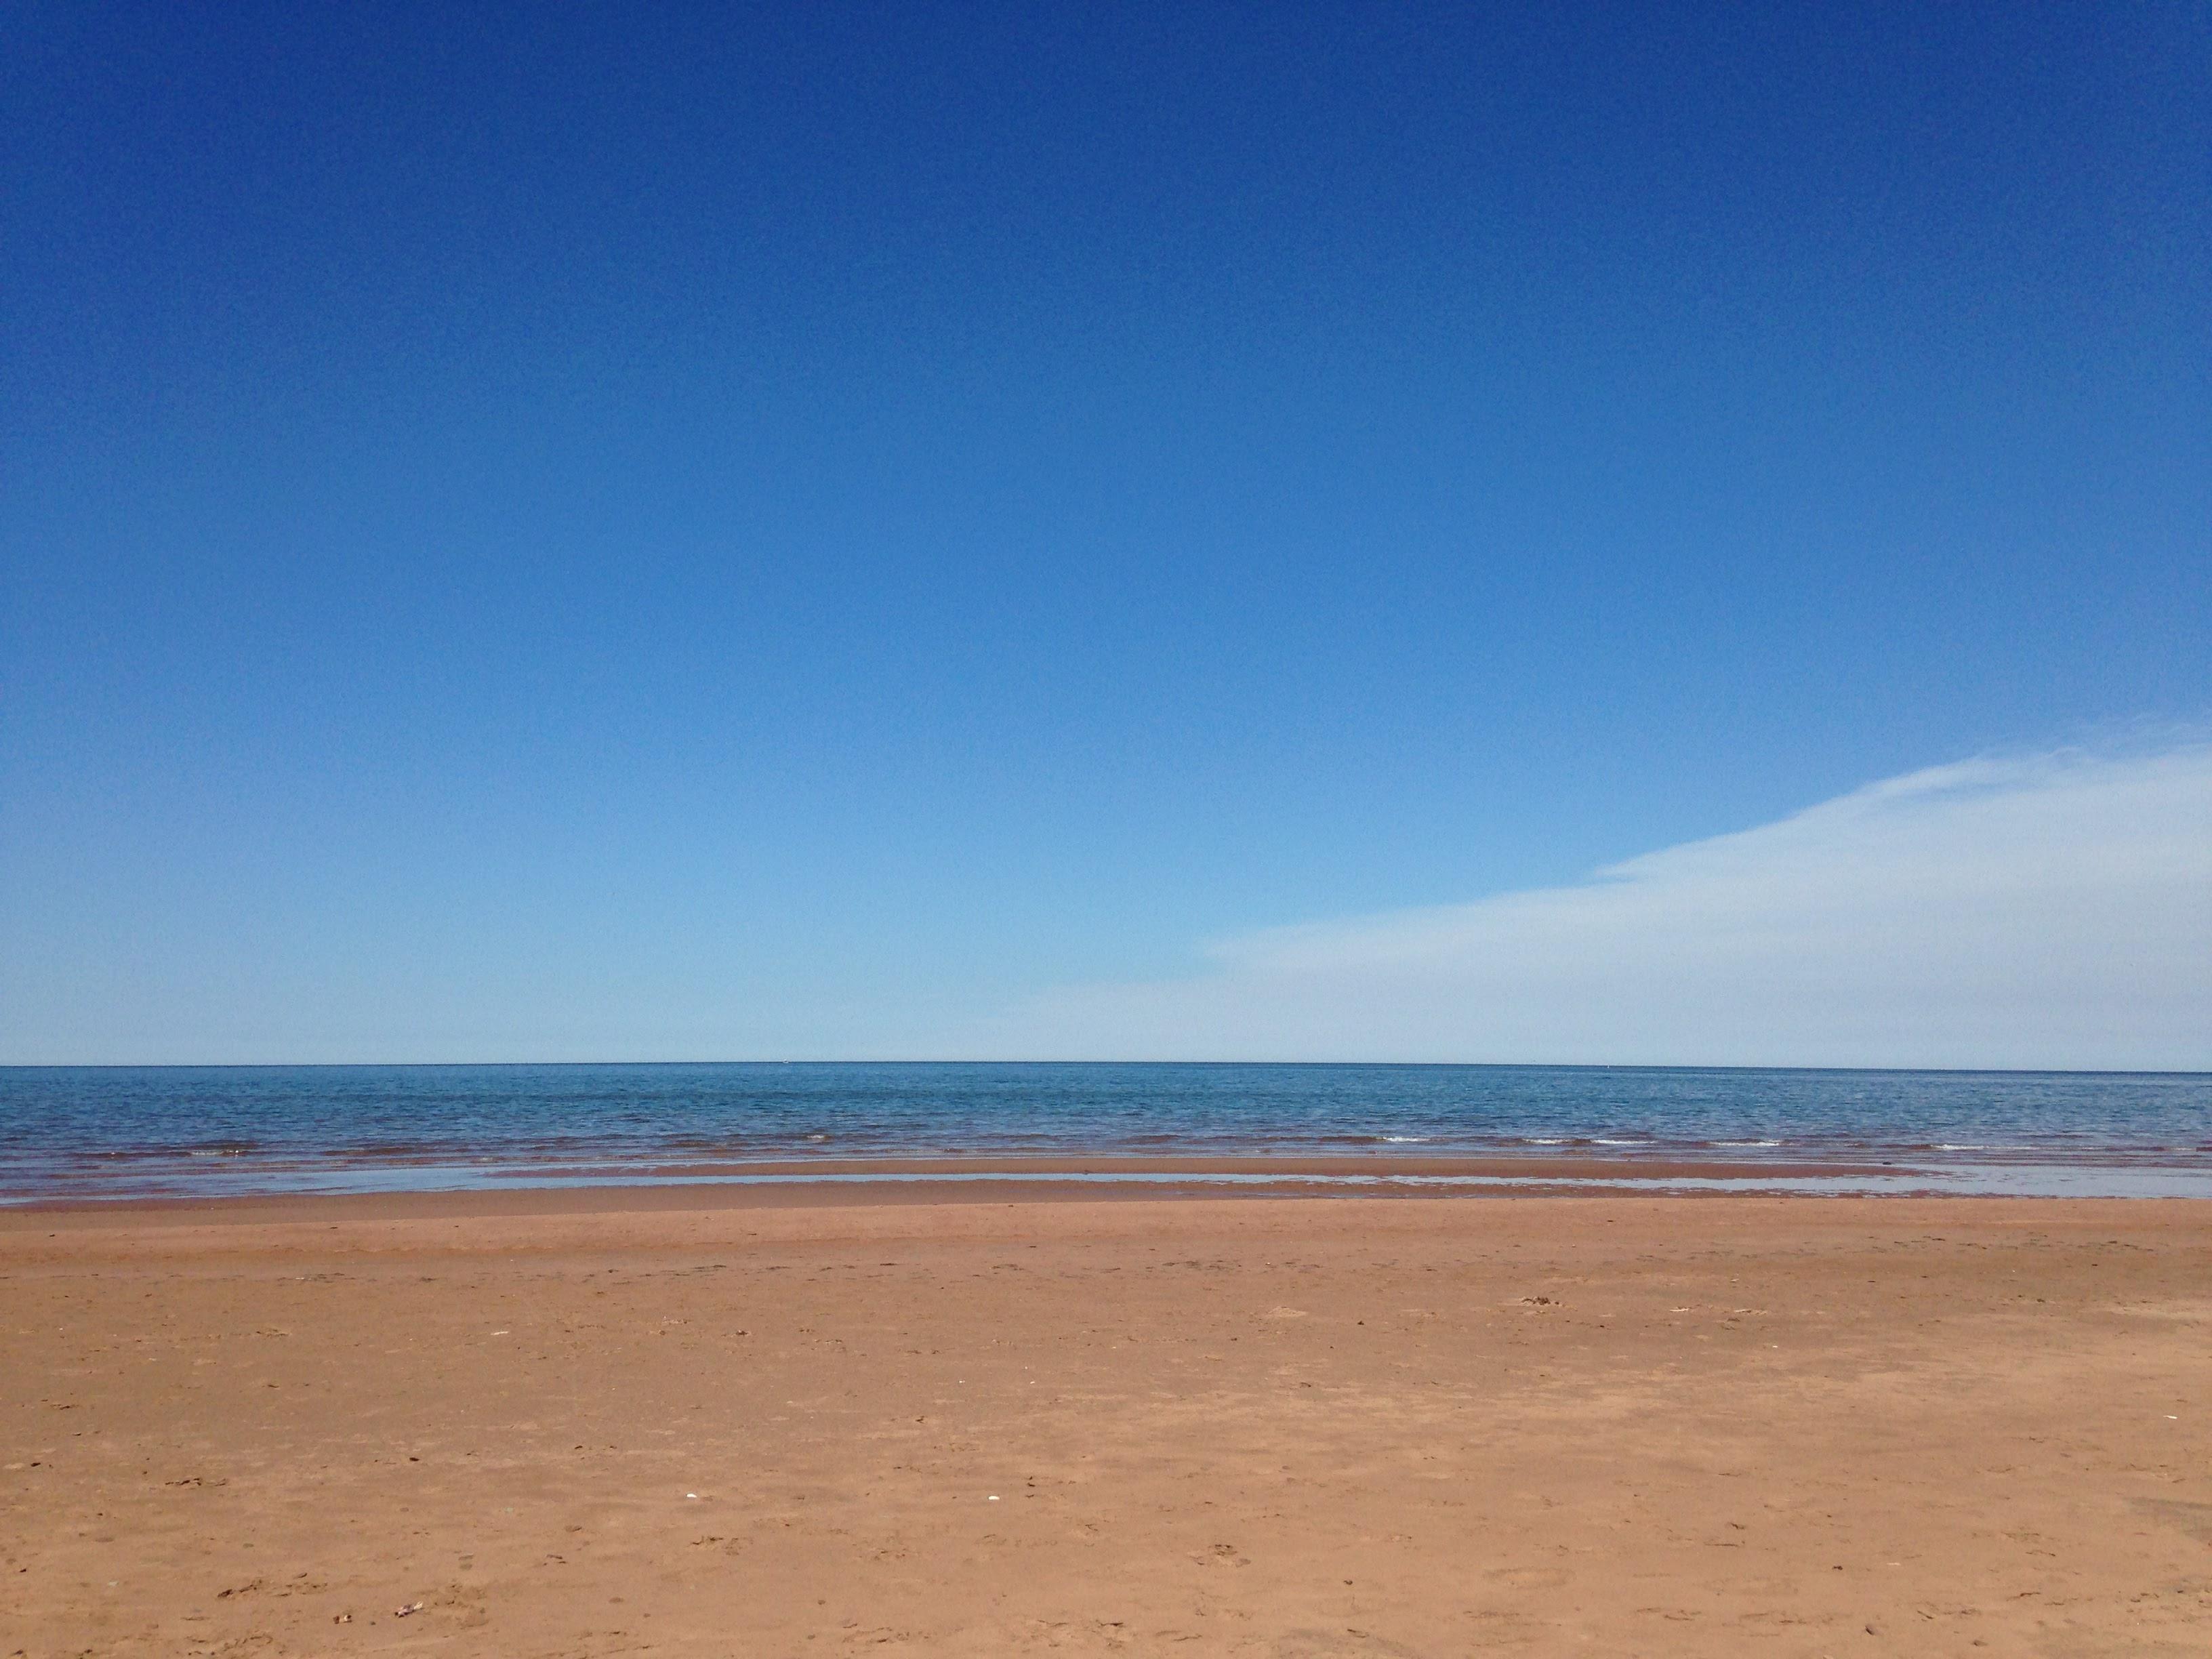 gulf of st lawrence beach pei